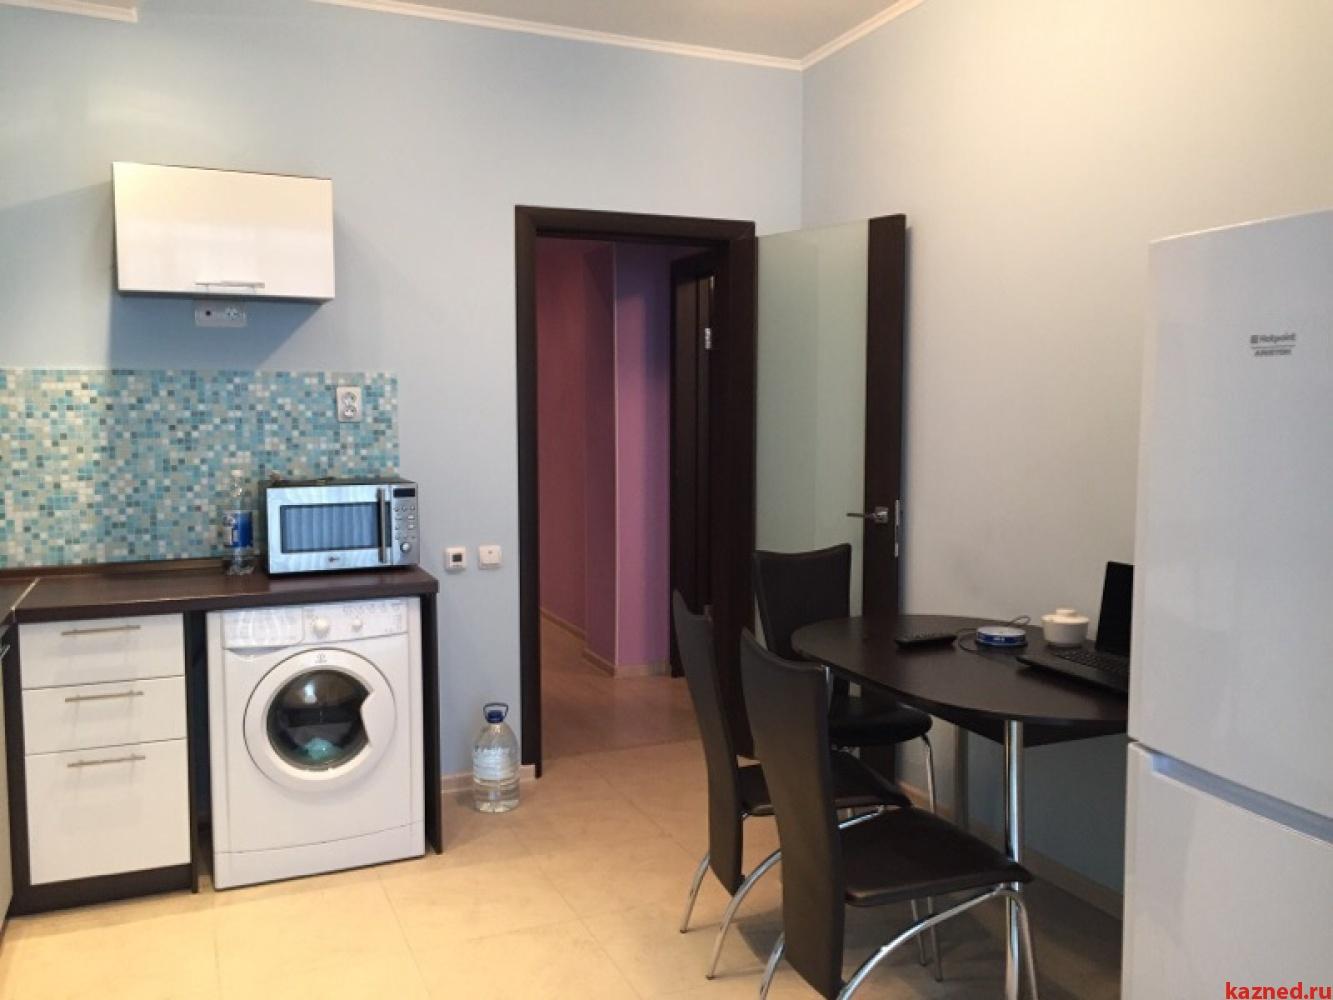 Продажа 1-к квартиры кариева дом 5, 45 м²  (миниатюра №14)